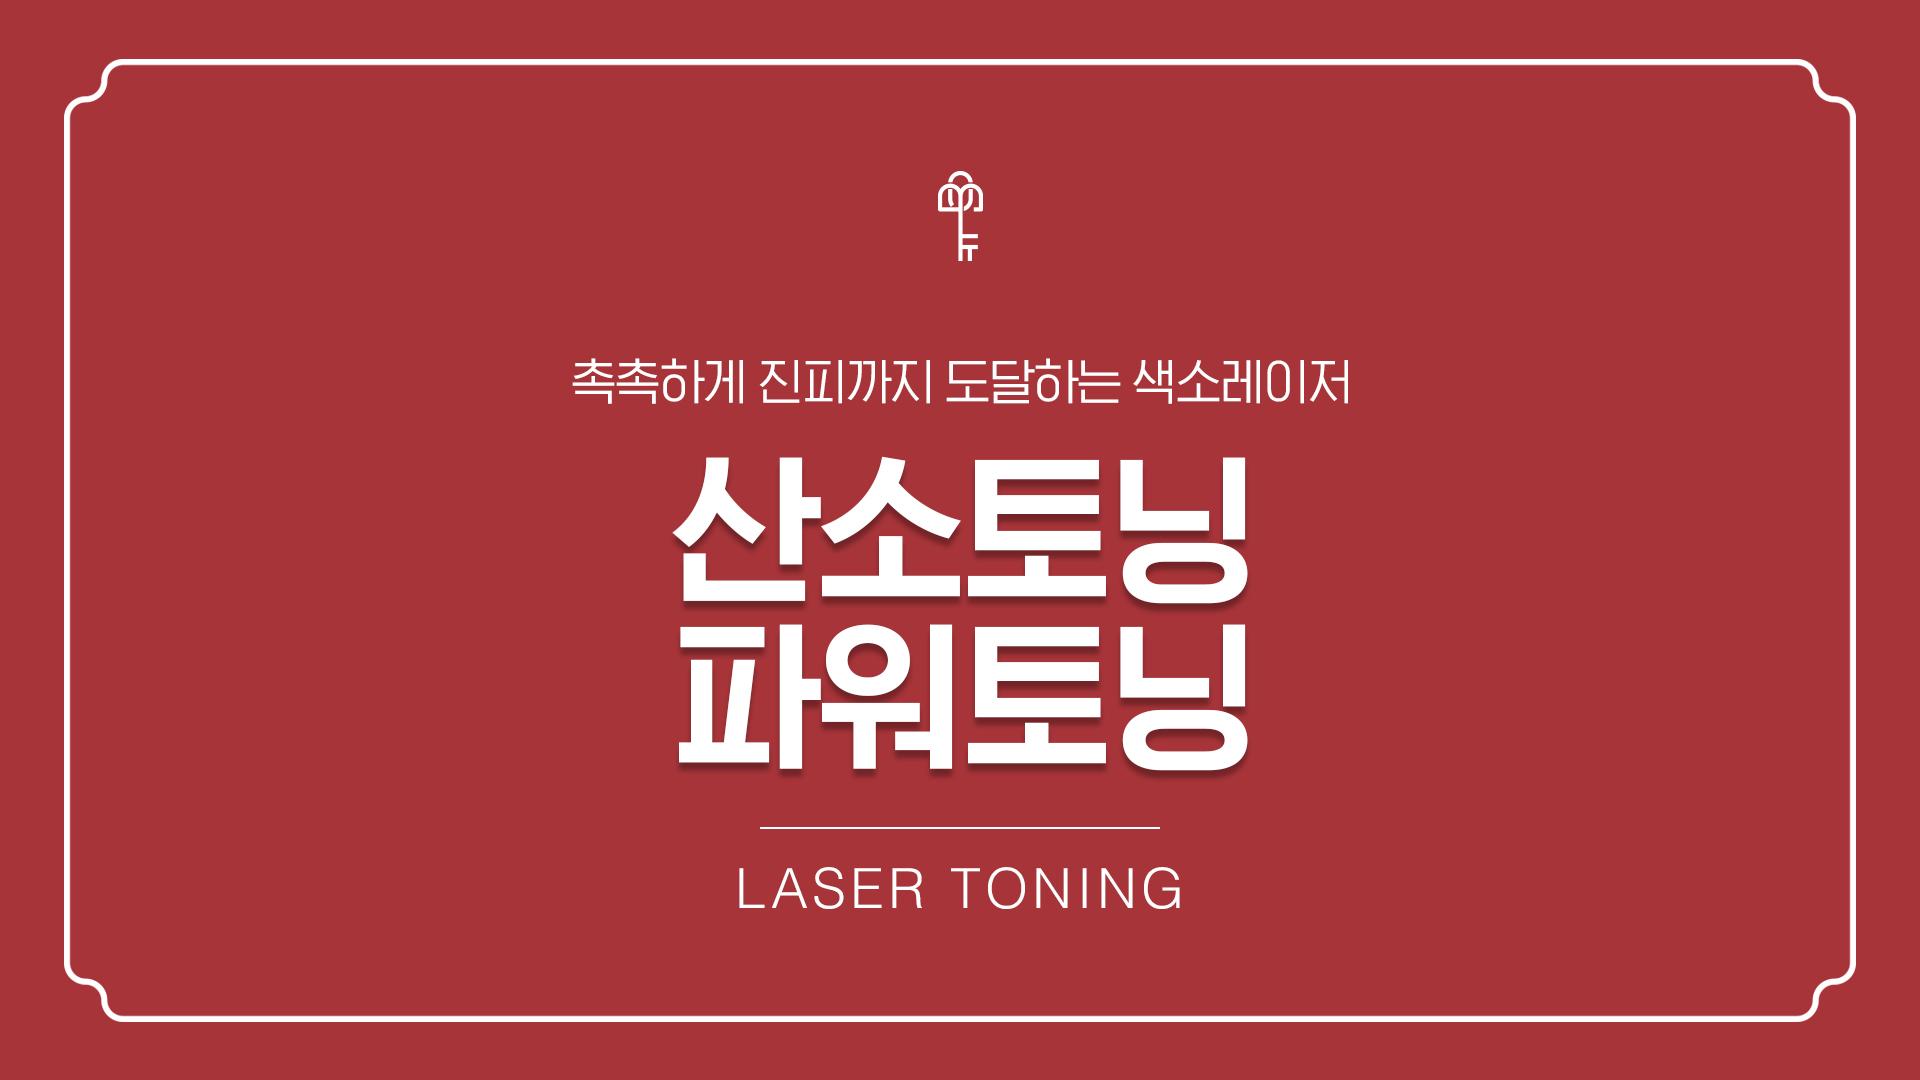 [해피아워 EVENT] 산소토닝/파워토닝